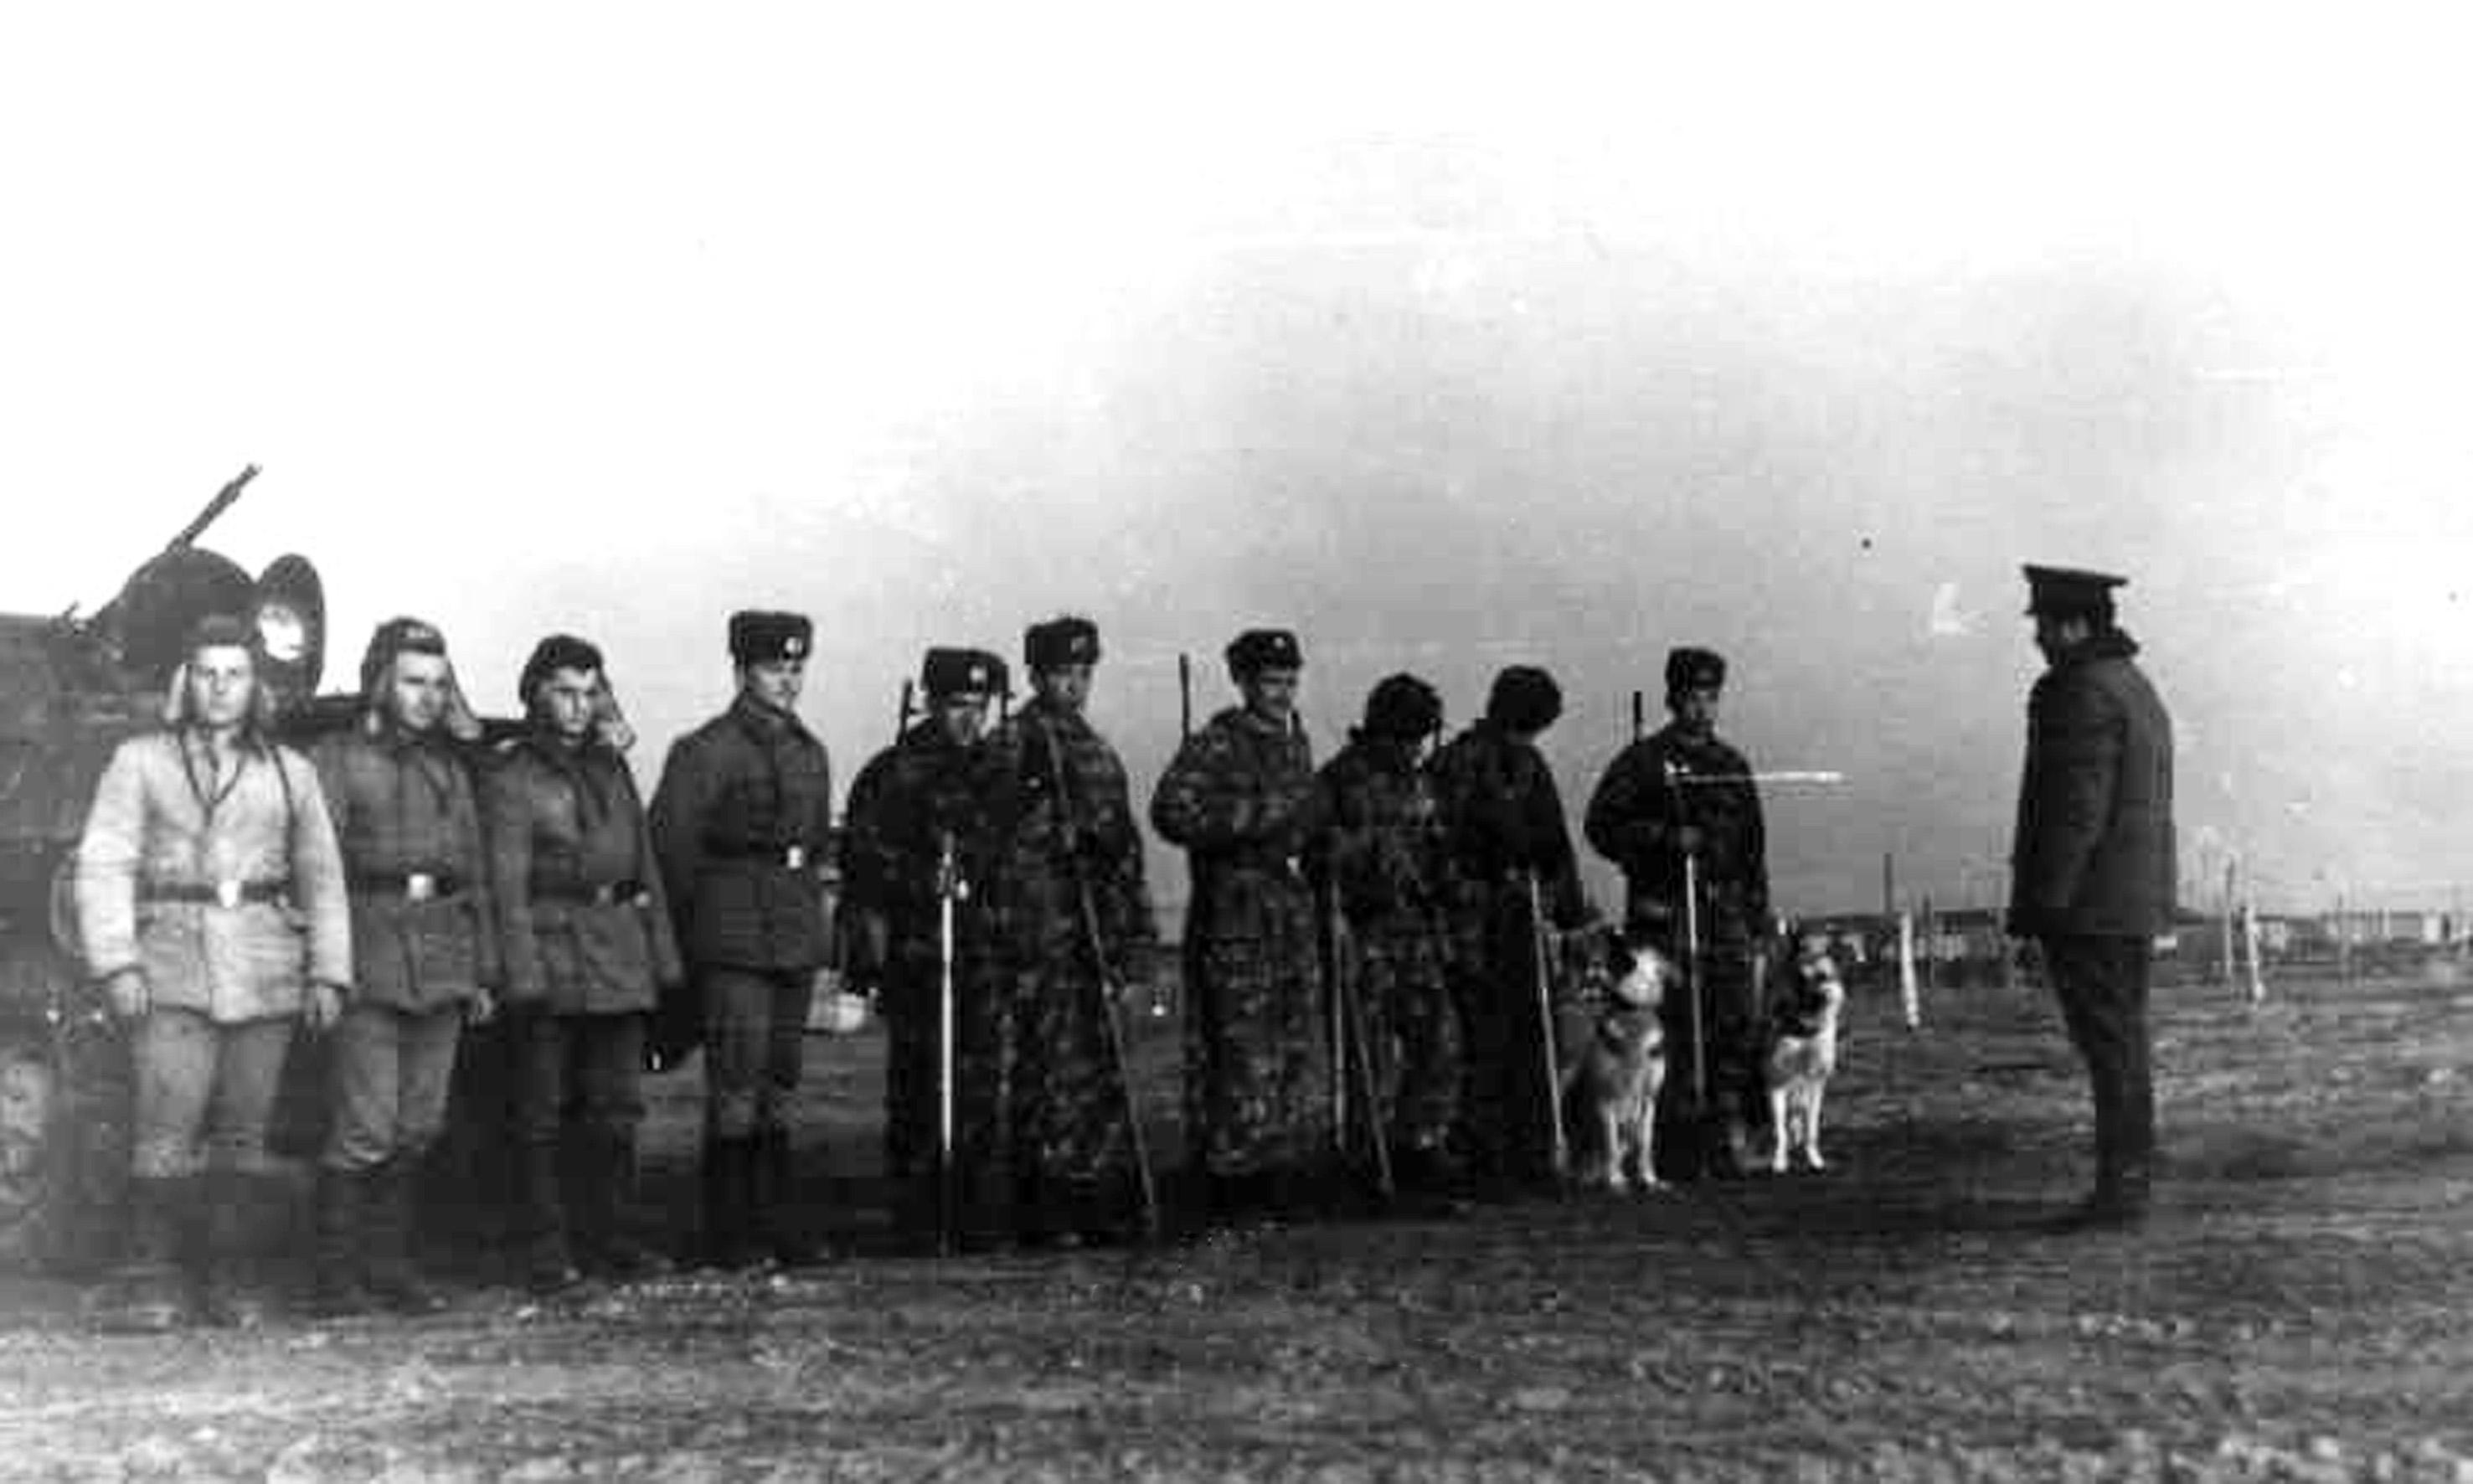 Командир 541оисб м-р Ратько В.М. проводит инструктаж группы разминирования перед боевым заданием,ДРА, Северный Кундуз,1982г